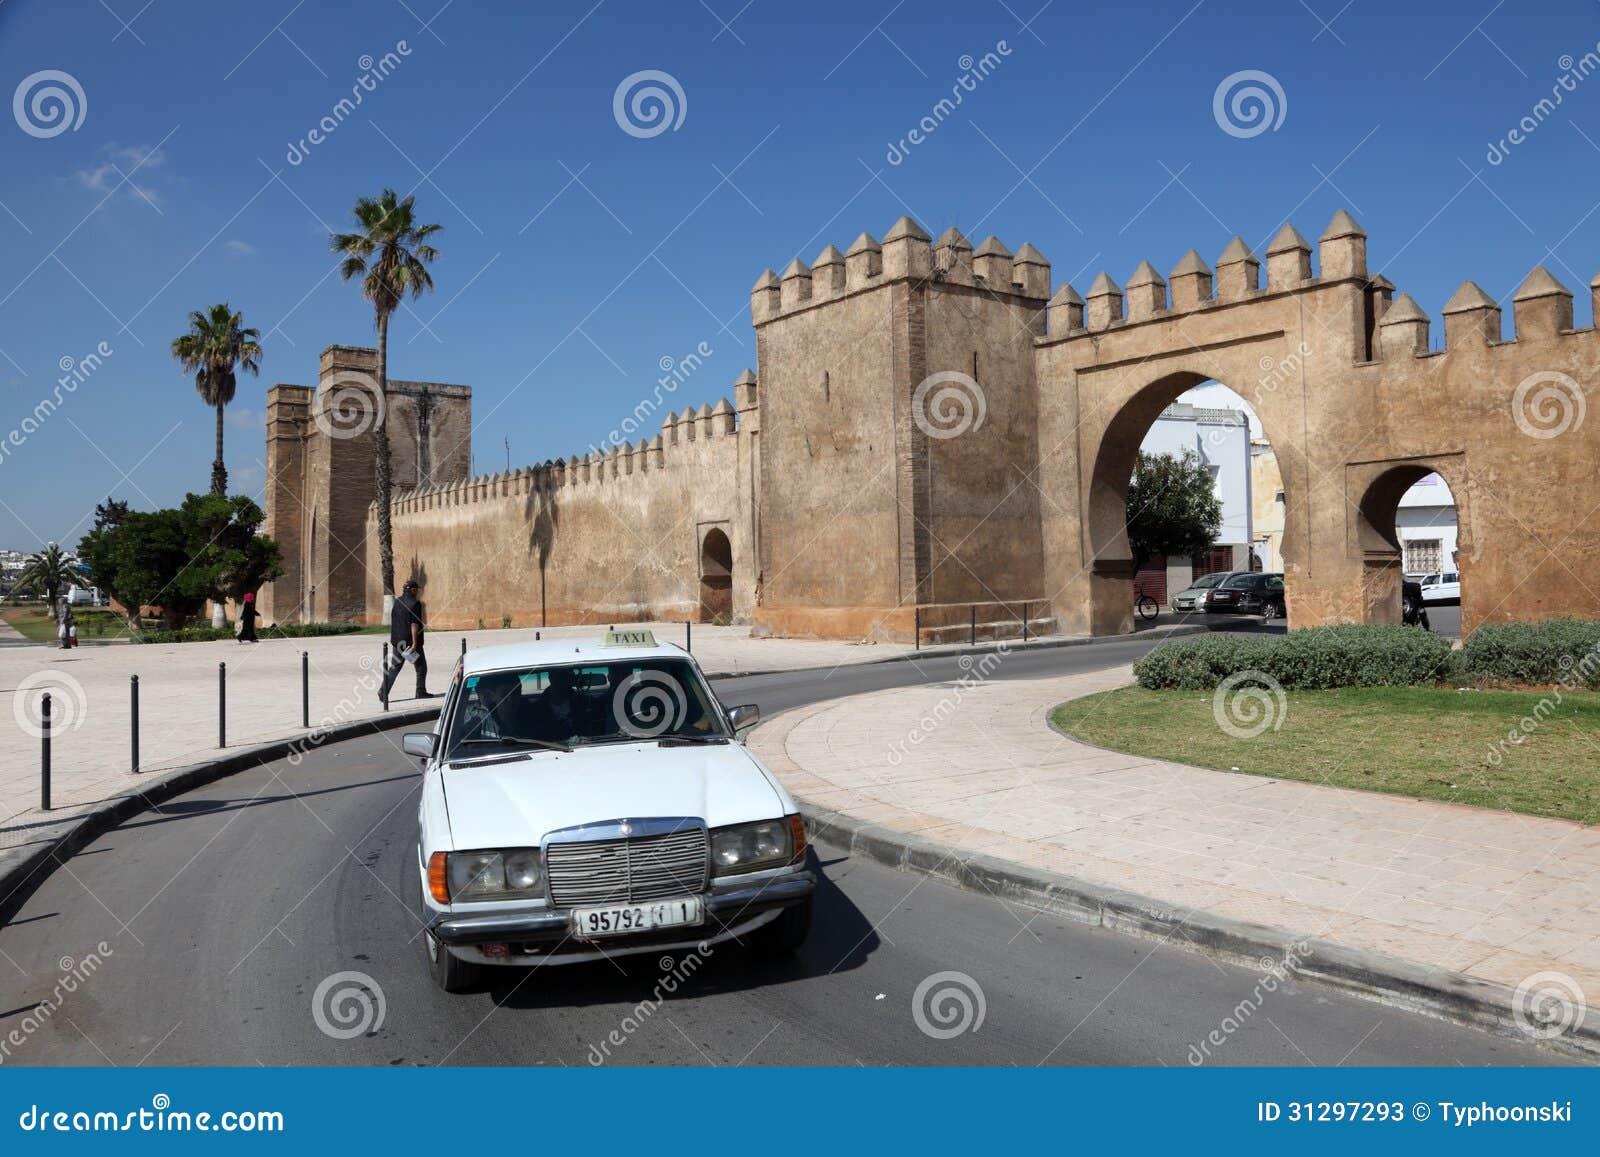 Taxi magnífico en venta, Marruecos